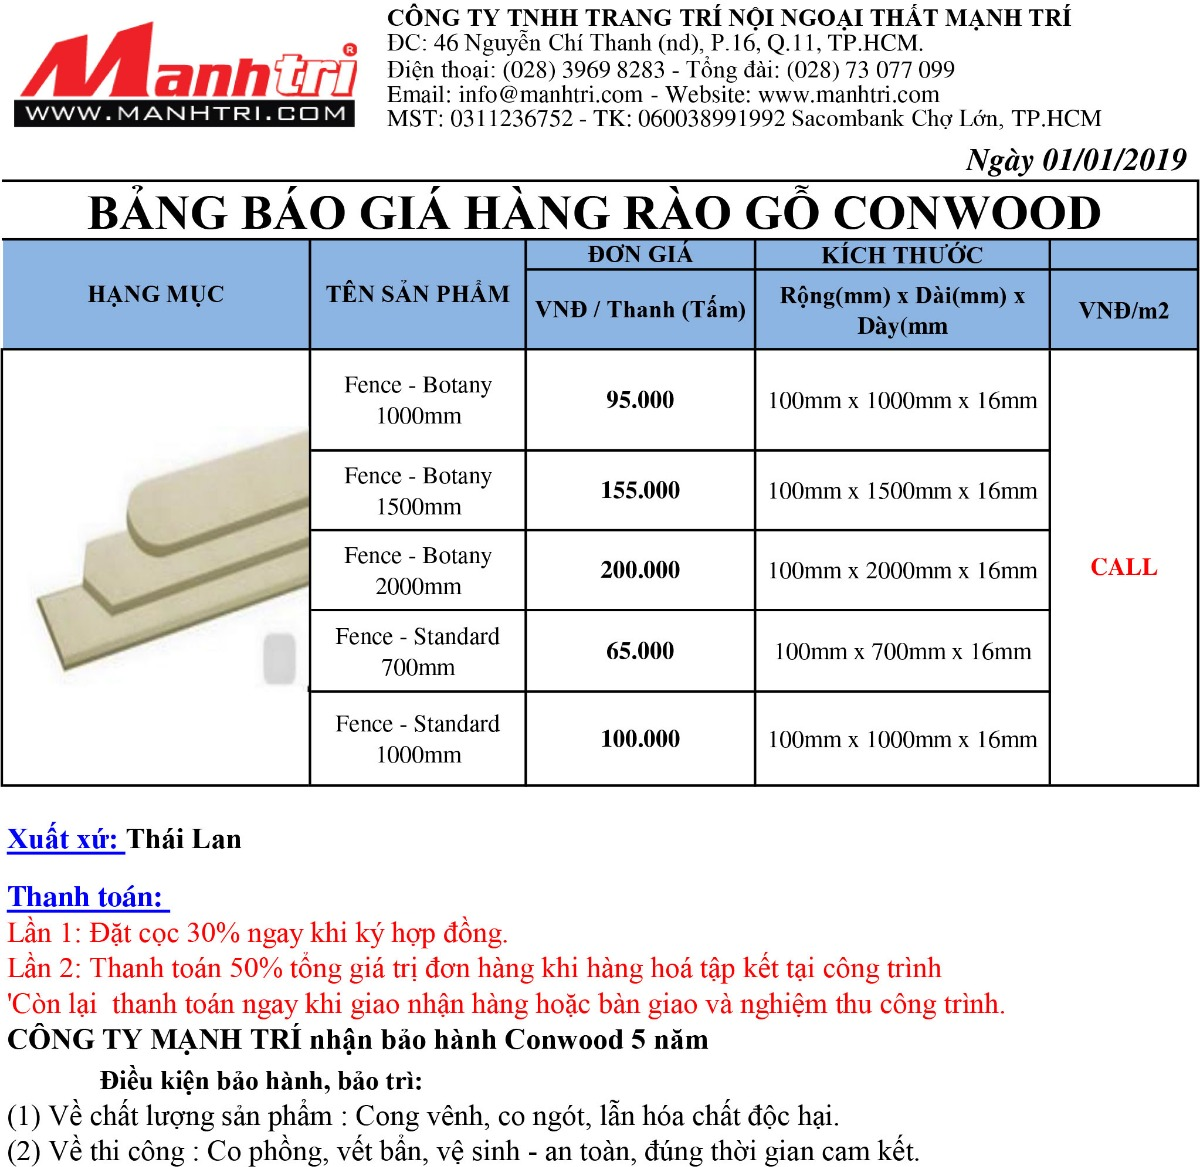 Báo giá thanh hàng rào gỗ Conwood